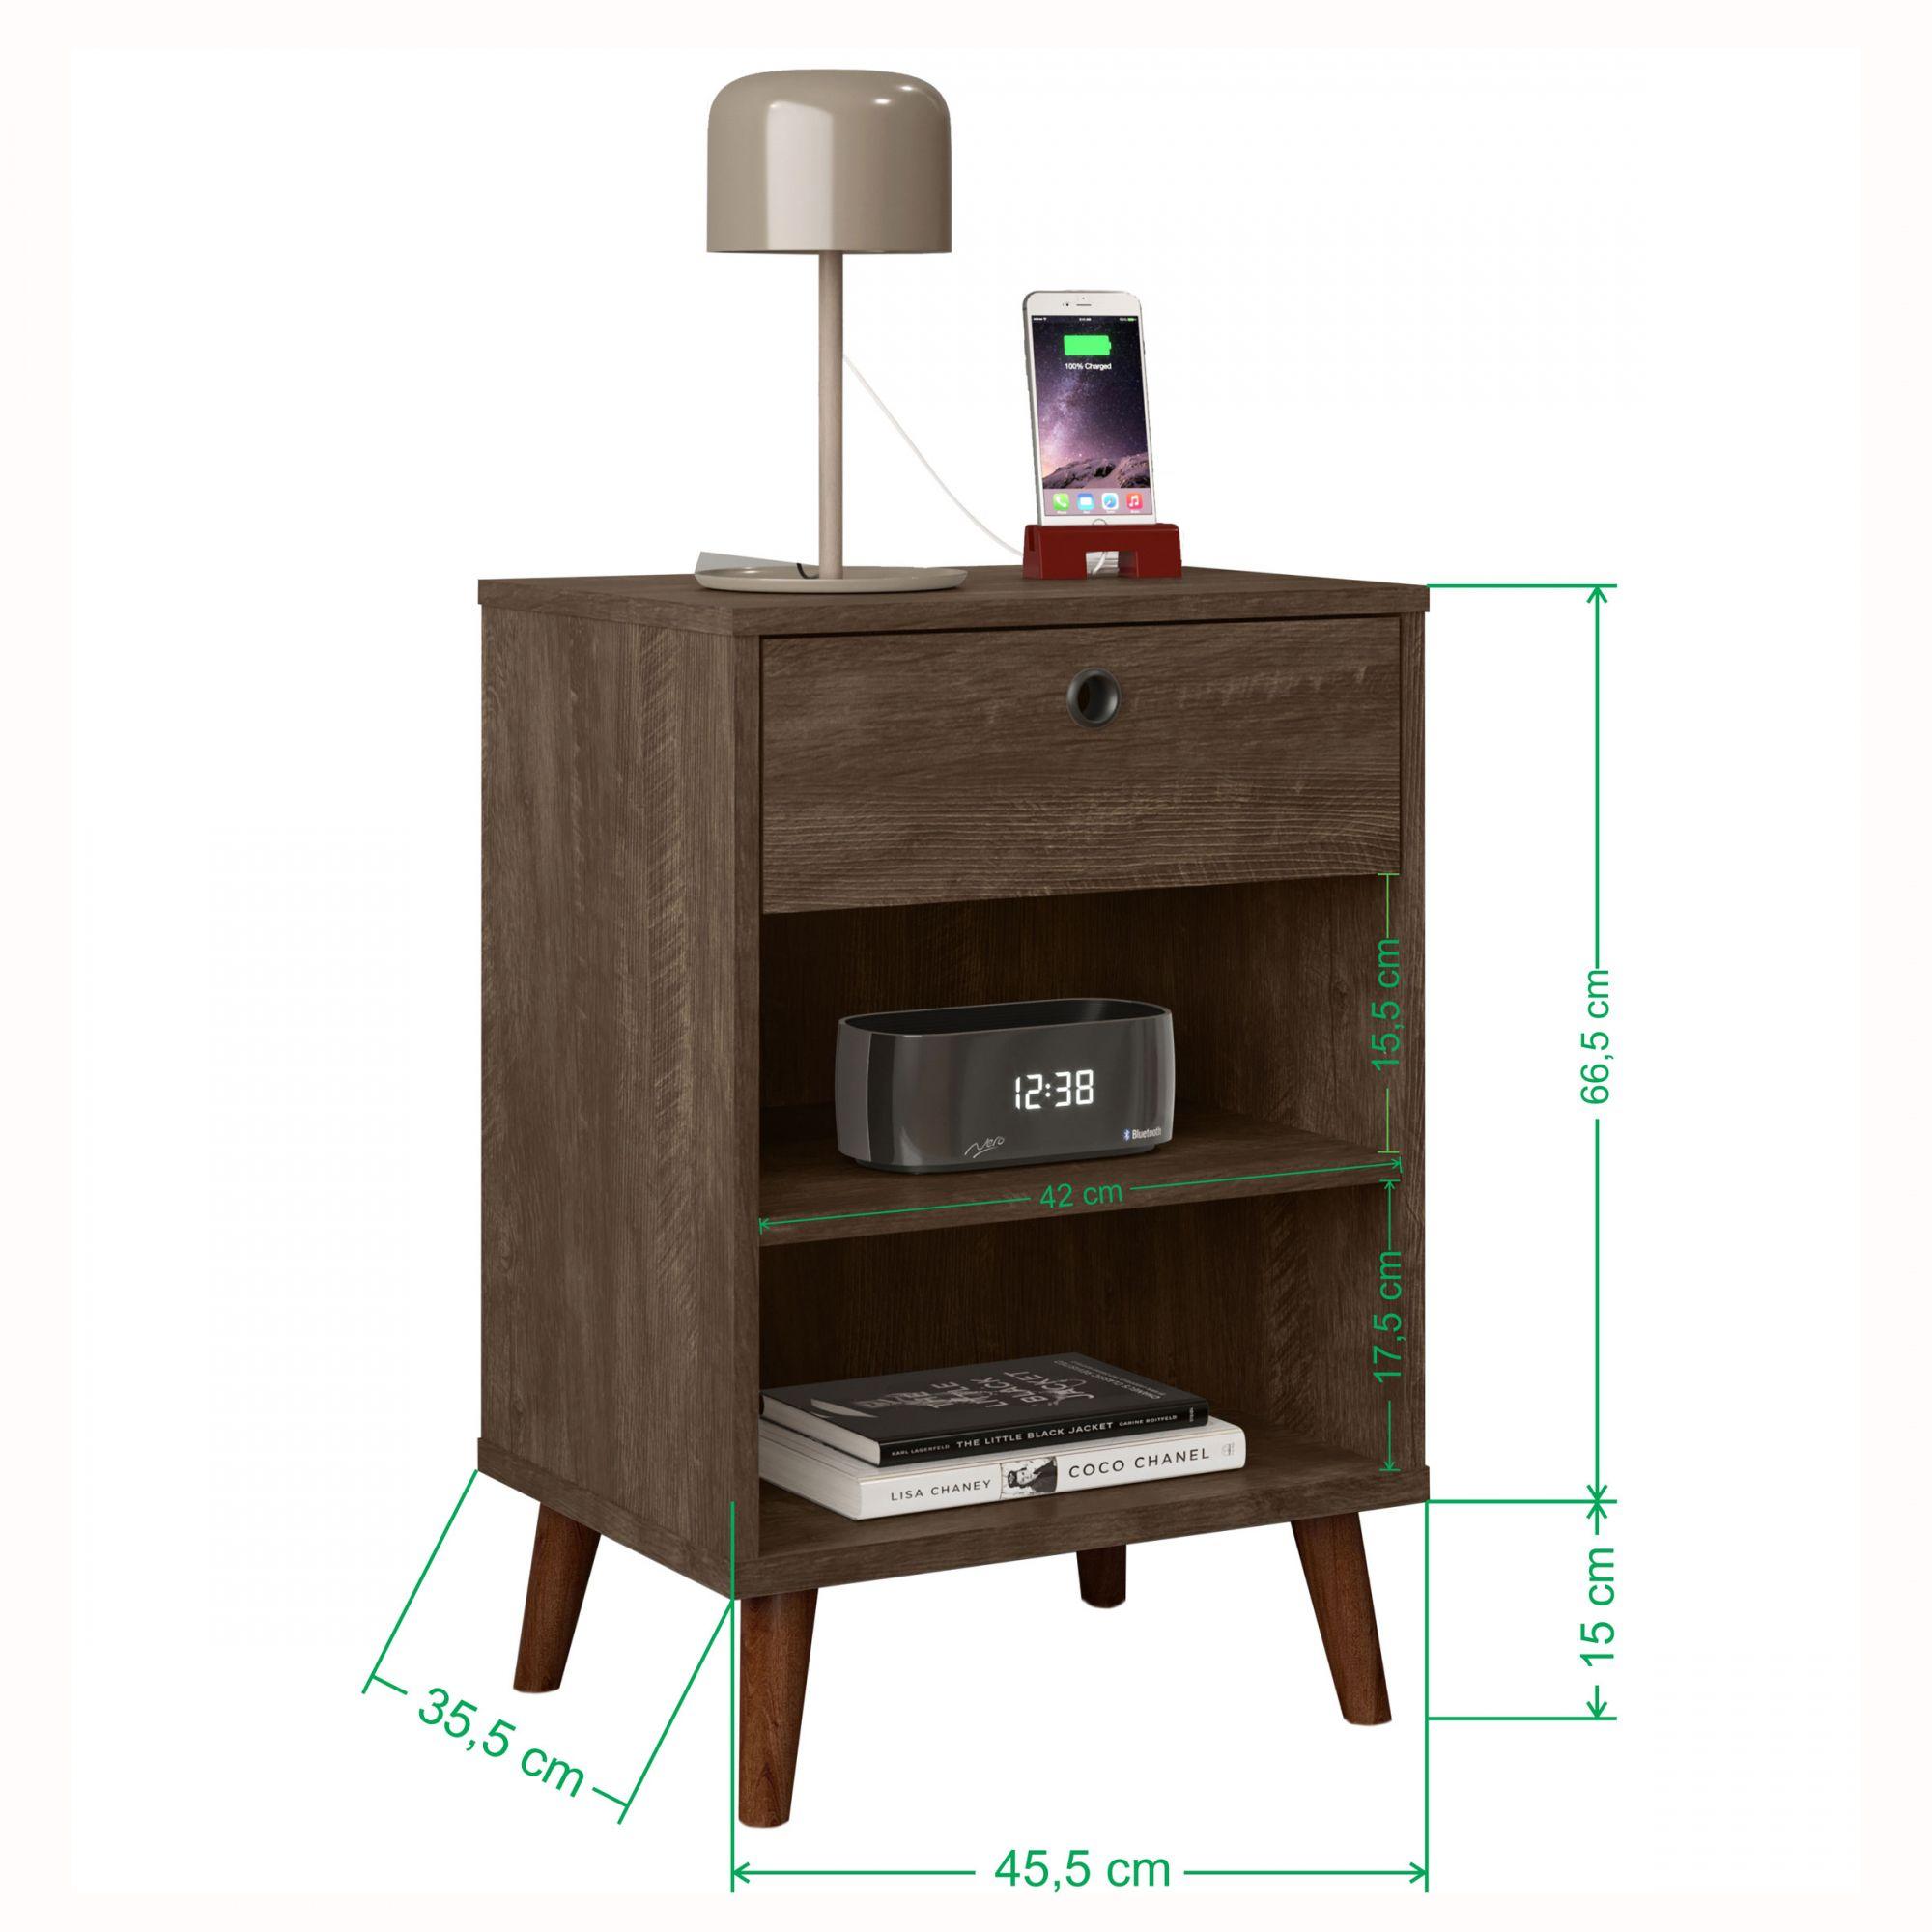 Kit 2 Mesas de Cabeceira Retrô Dubai Castanho Wood - LH Móveis